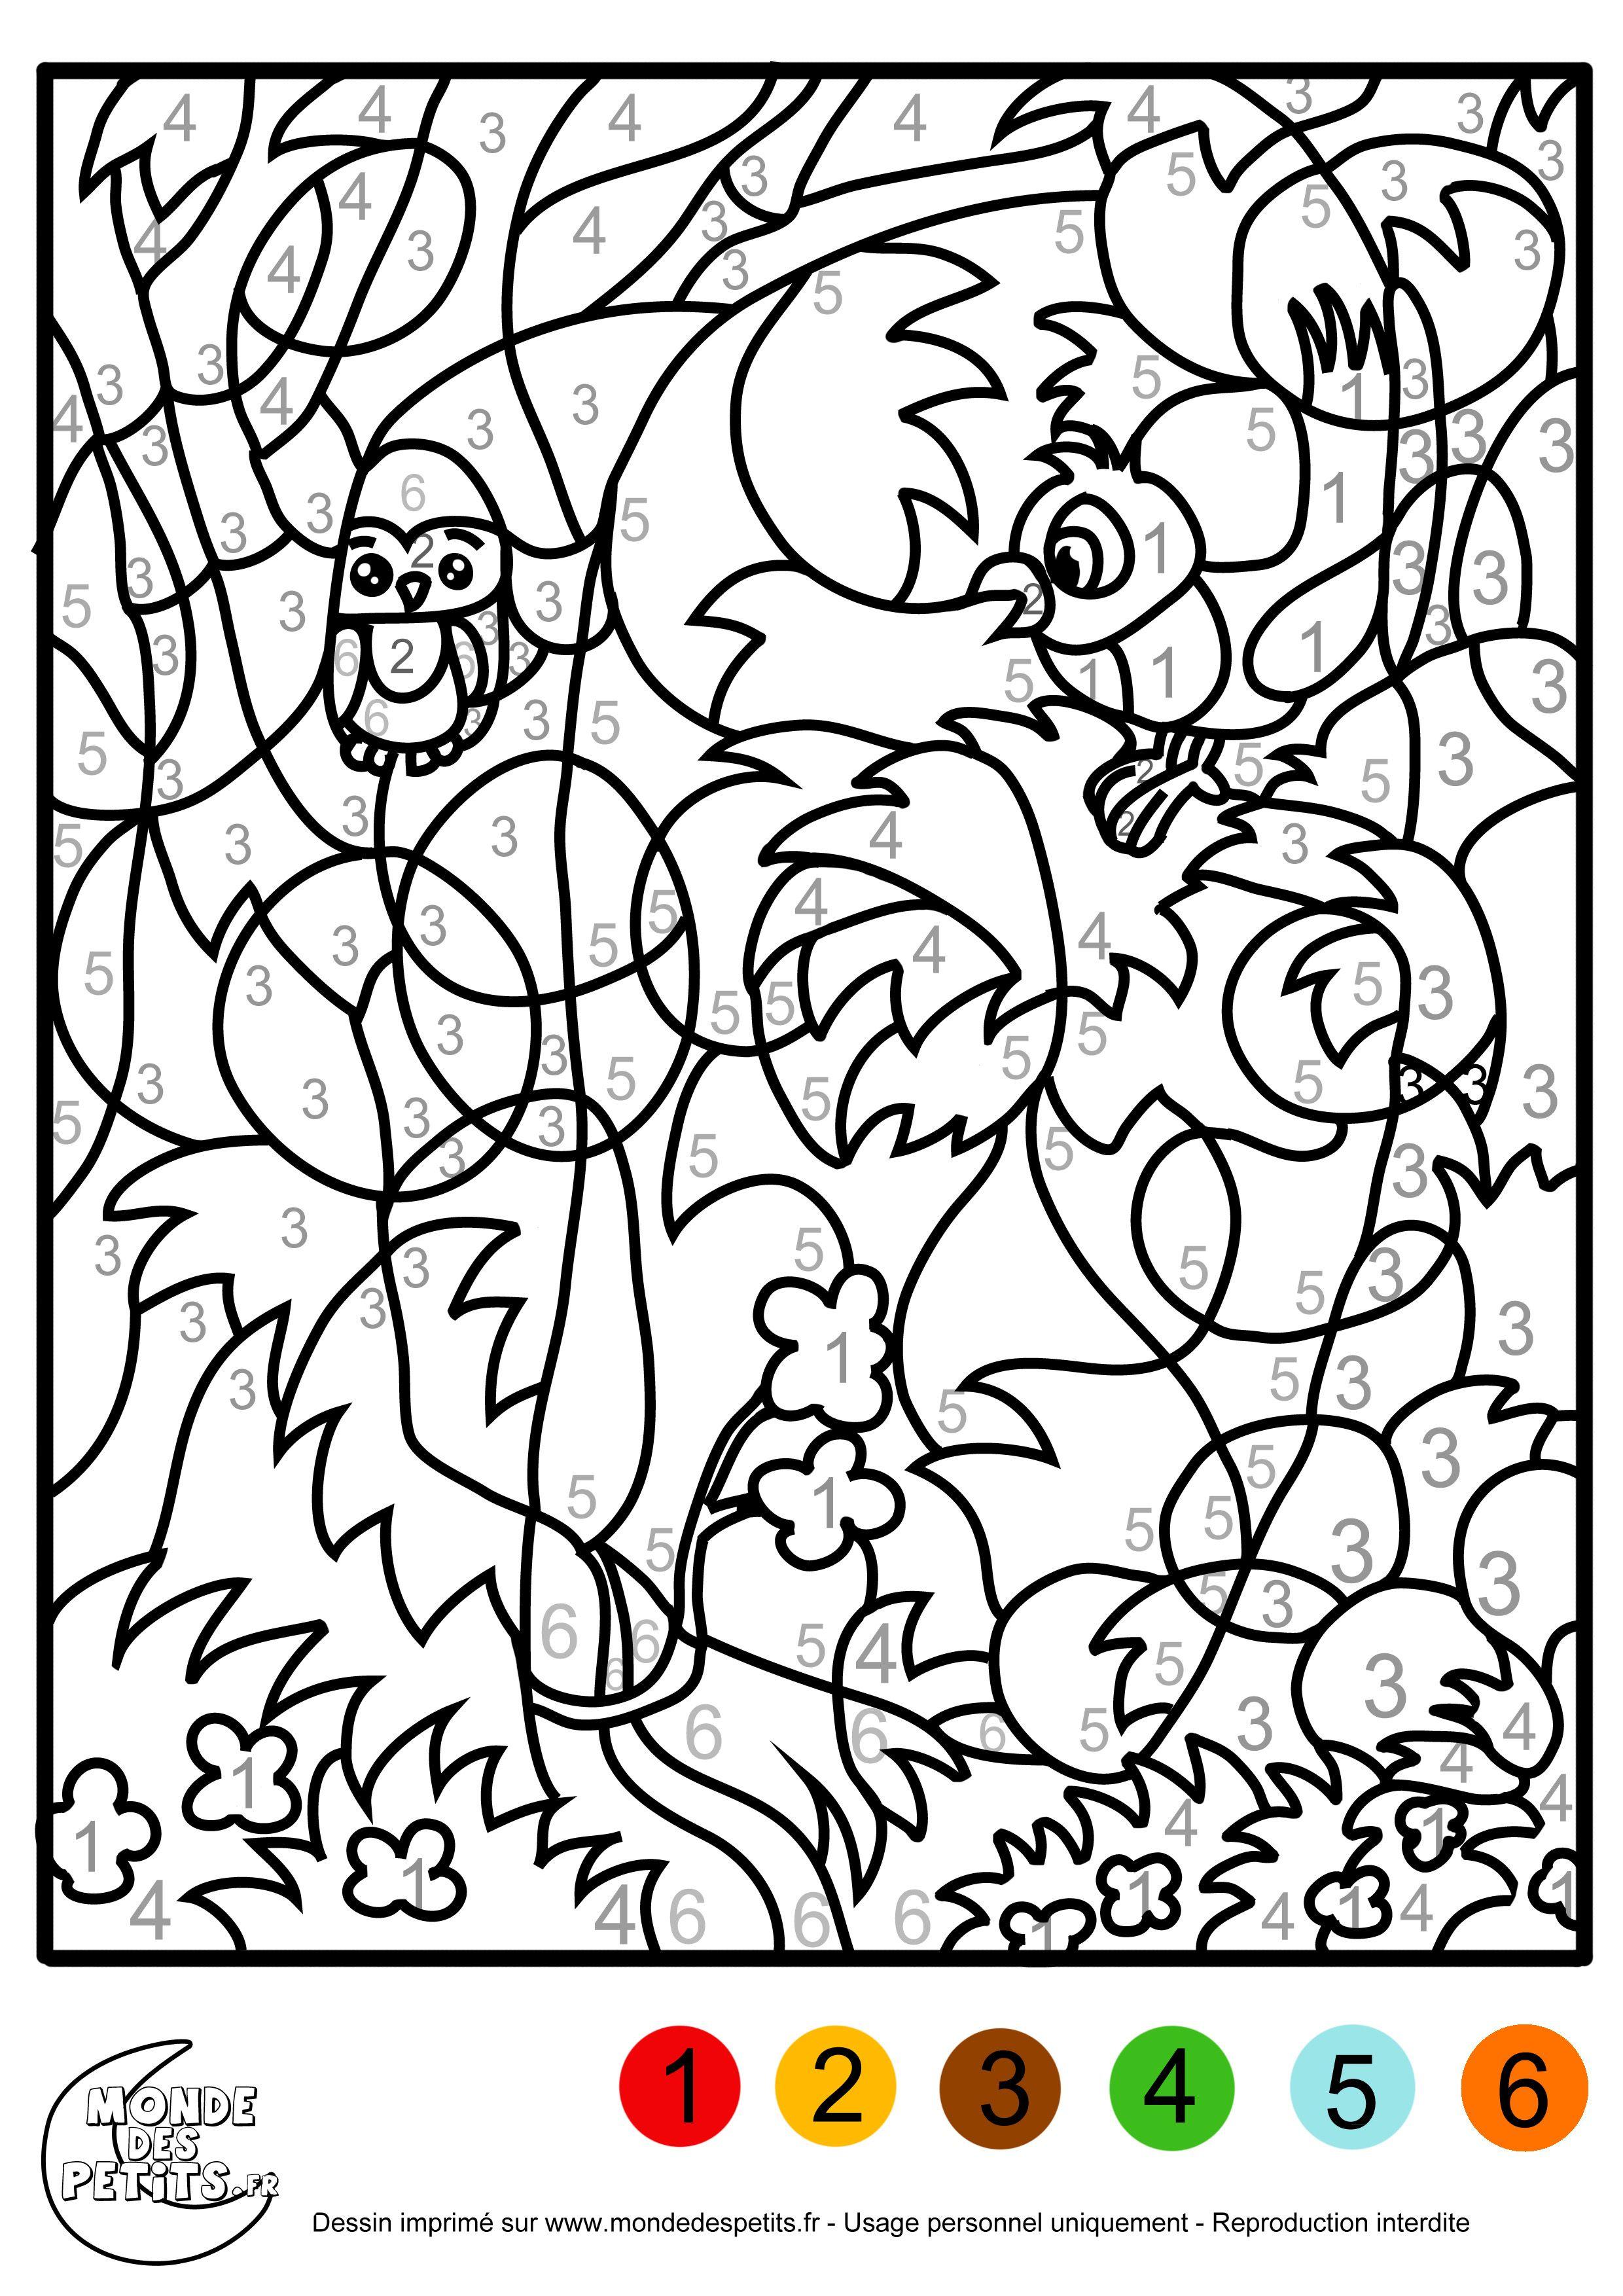 Coloriage Chevalier Gs.Coloriage Magique Gs A Colorier Dessin A Imprimer Coloriage